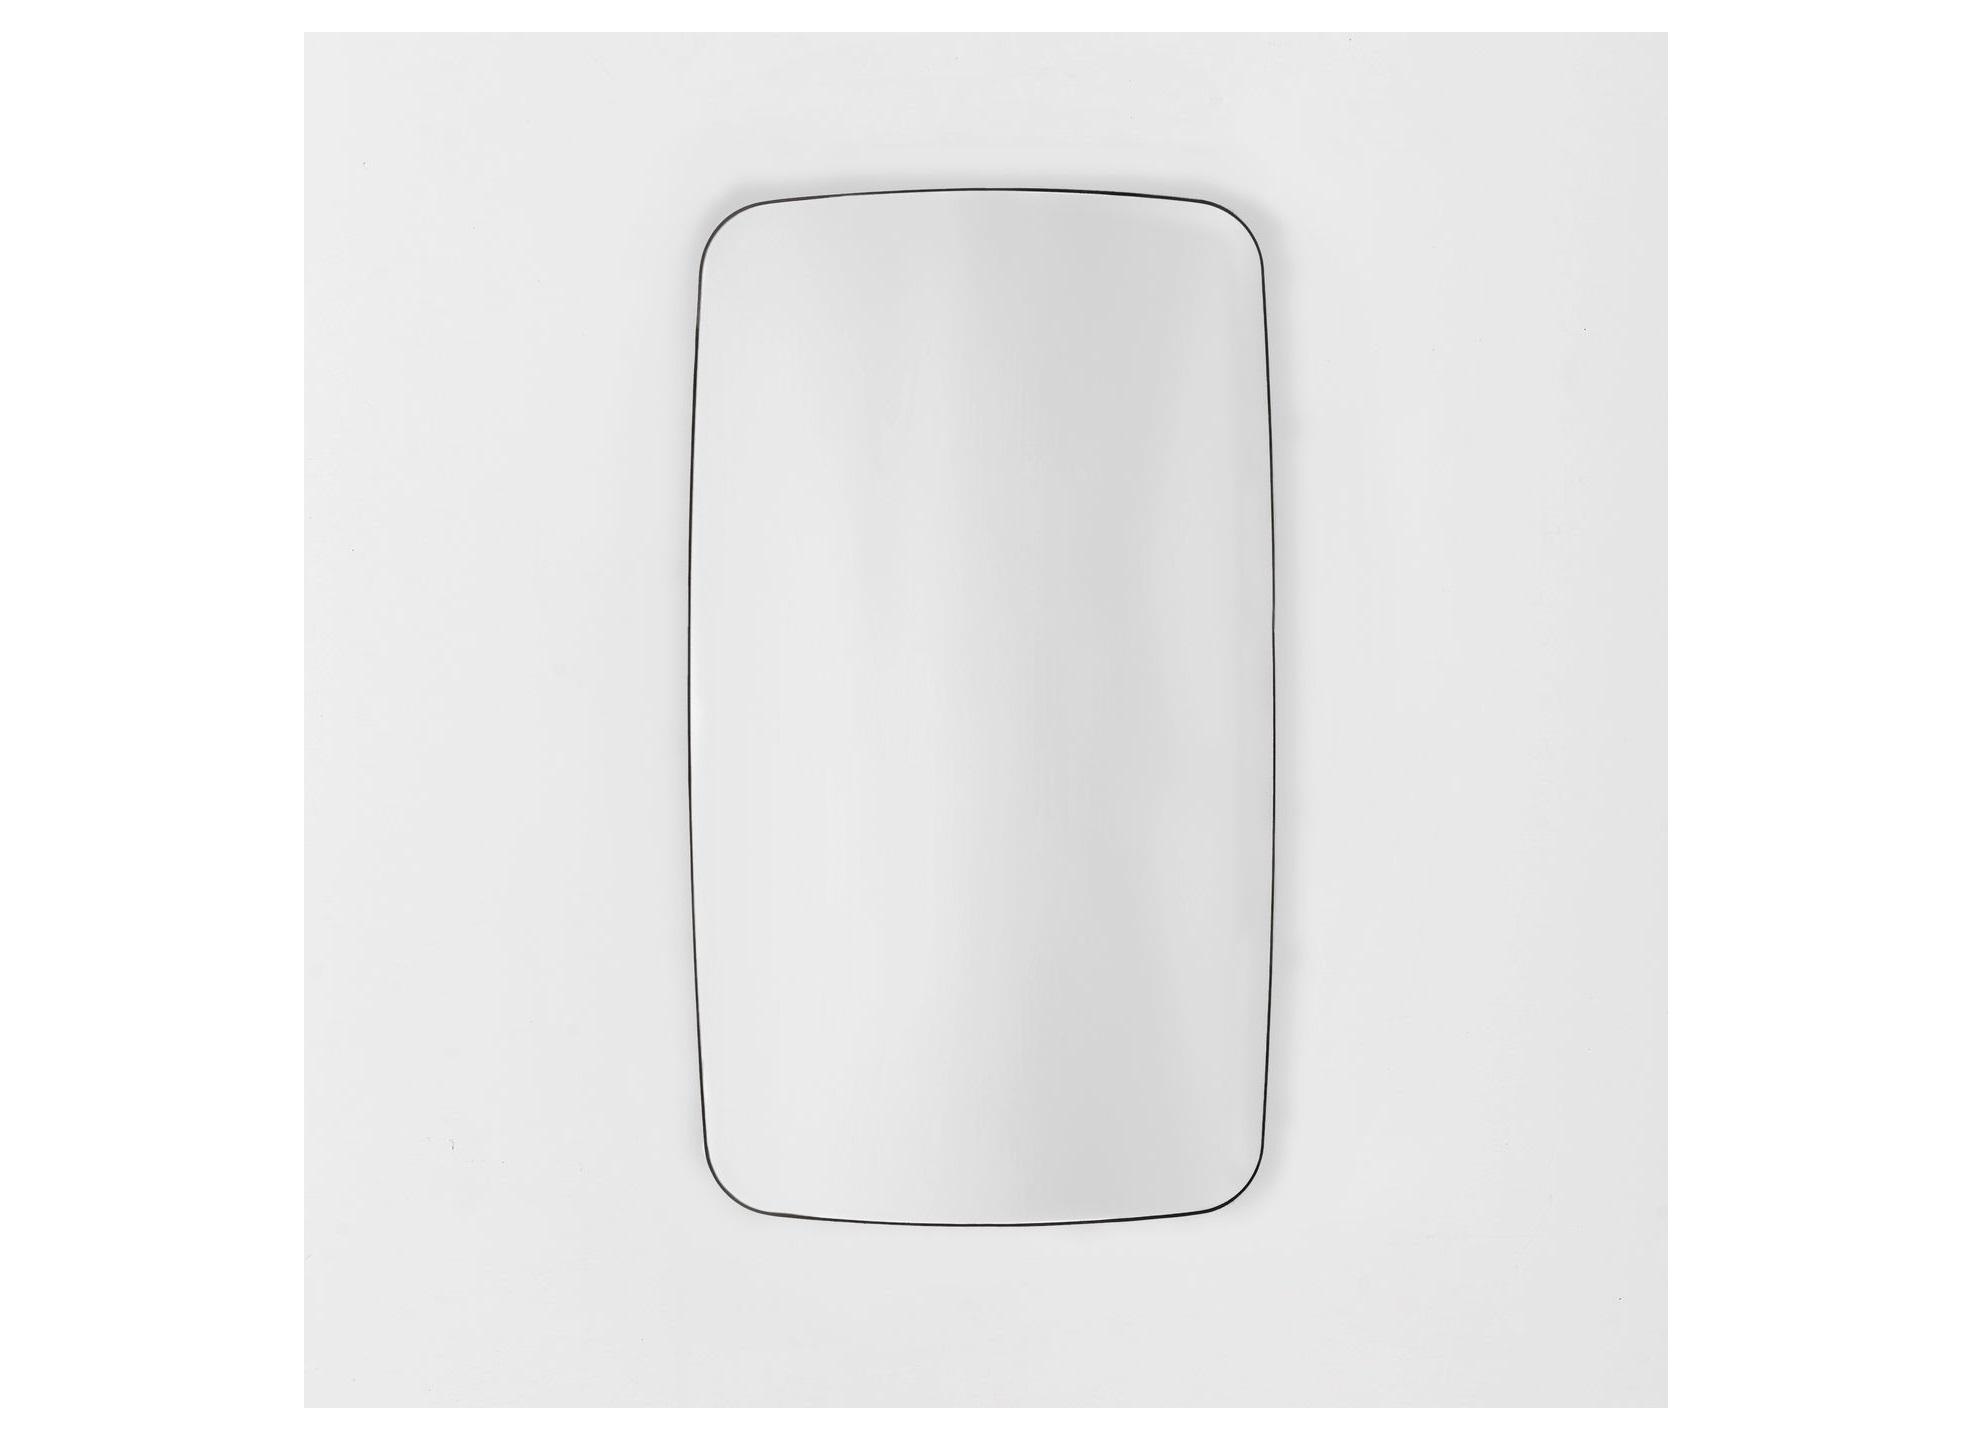 Скруглённое зеркало wake (banska) черный 45x80x3 см.